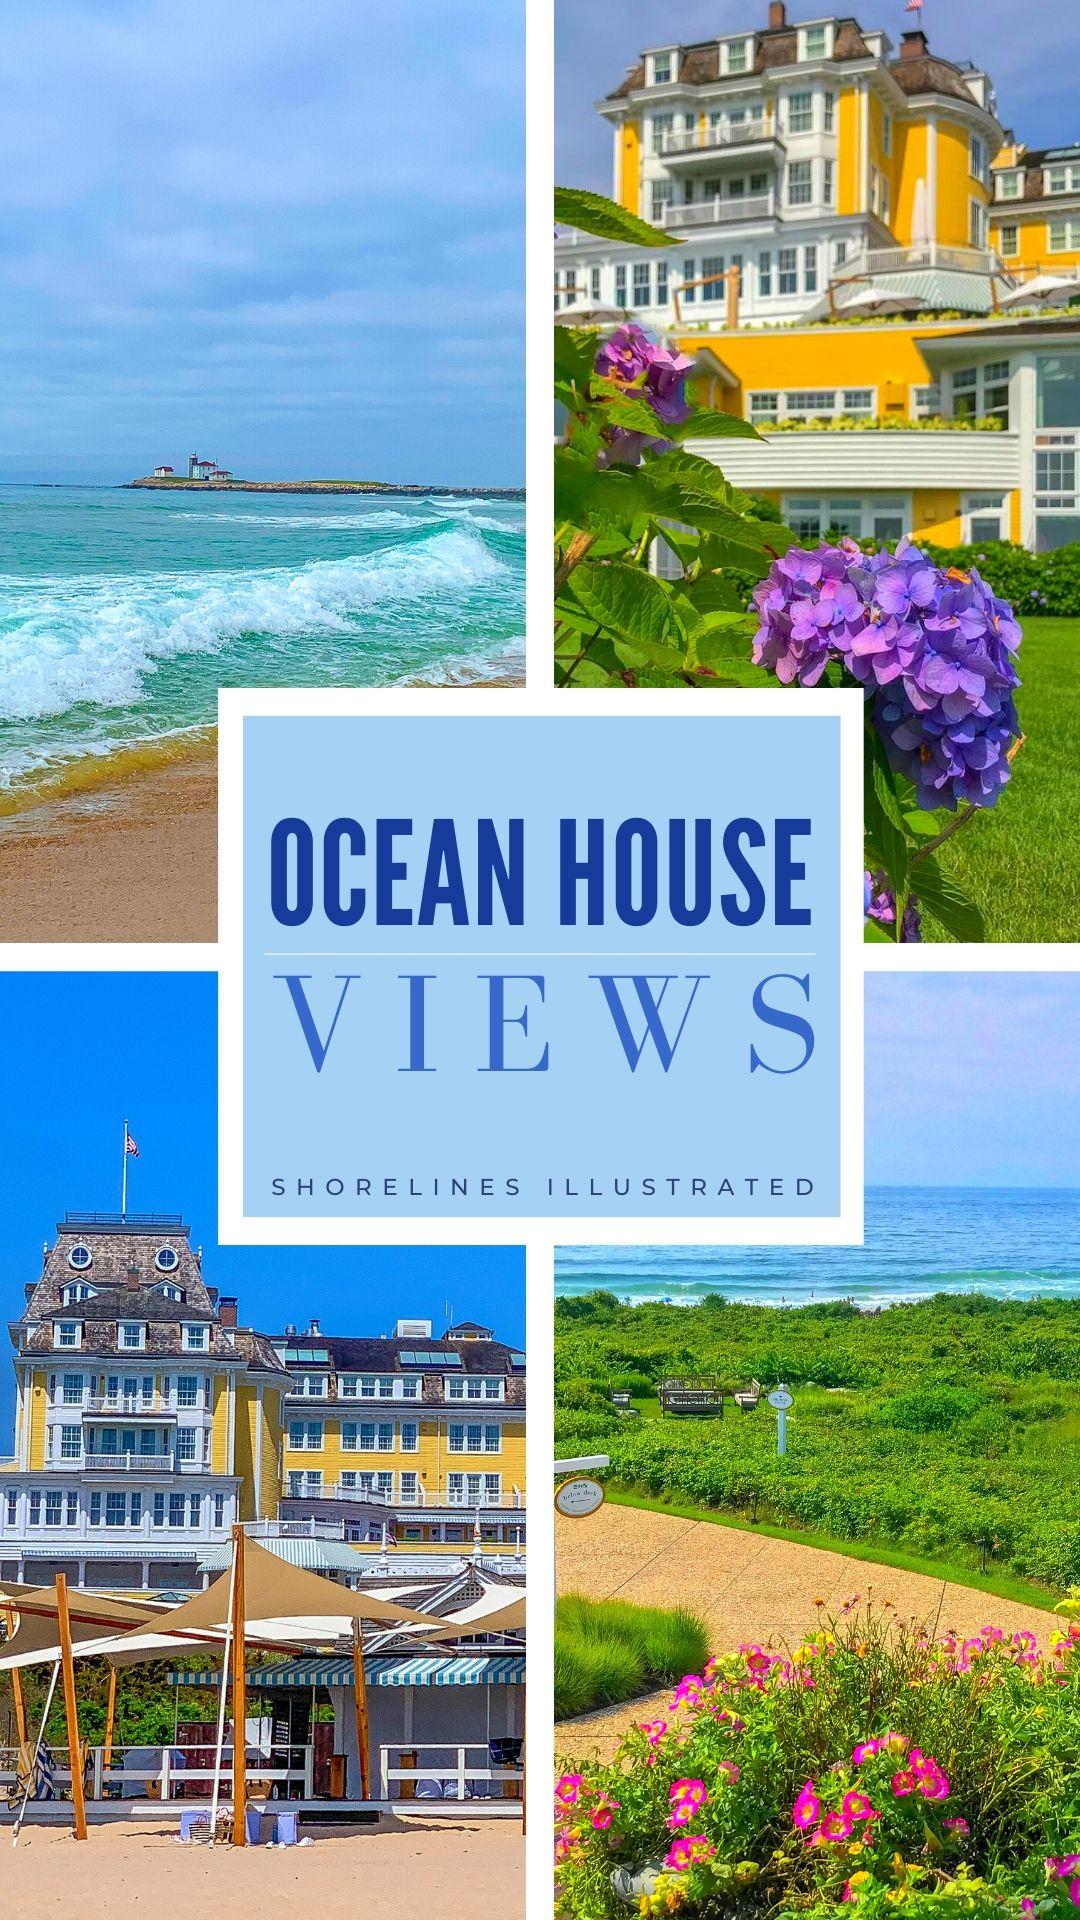 Ocean House Watch Hill Rhode Island PINS-3